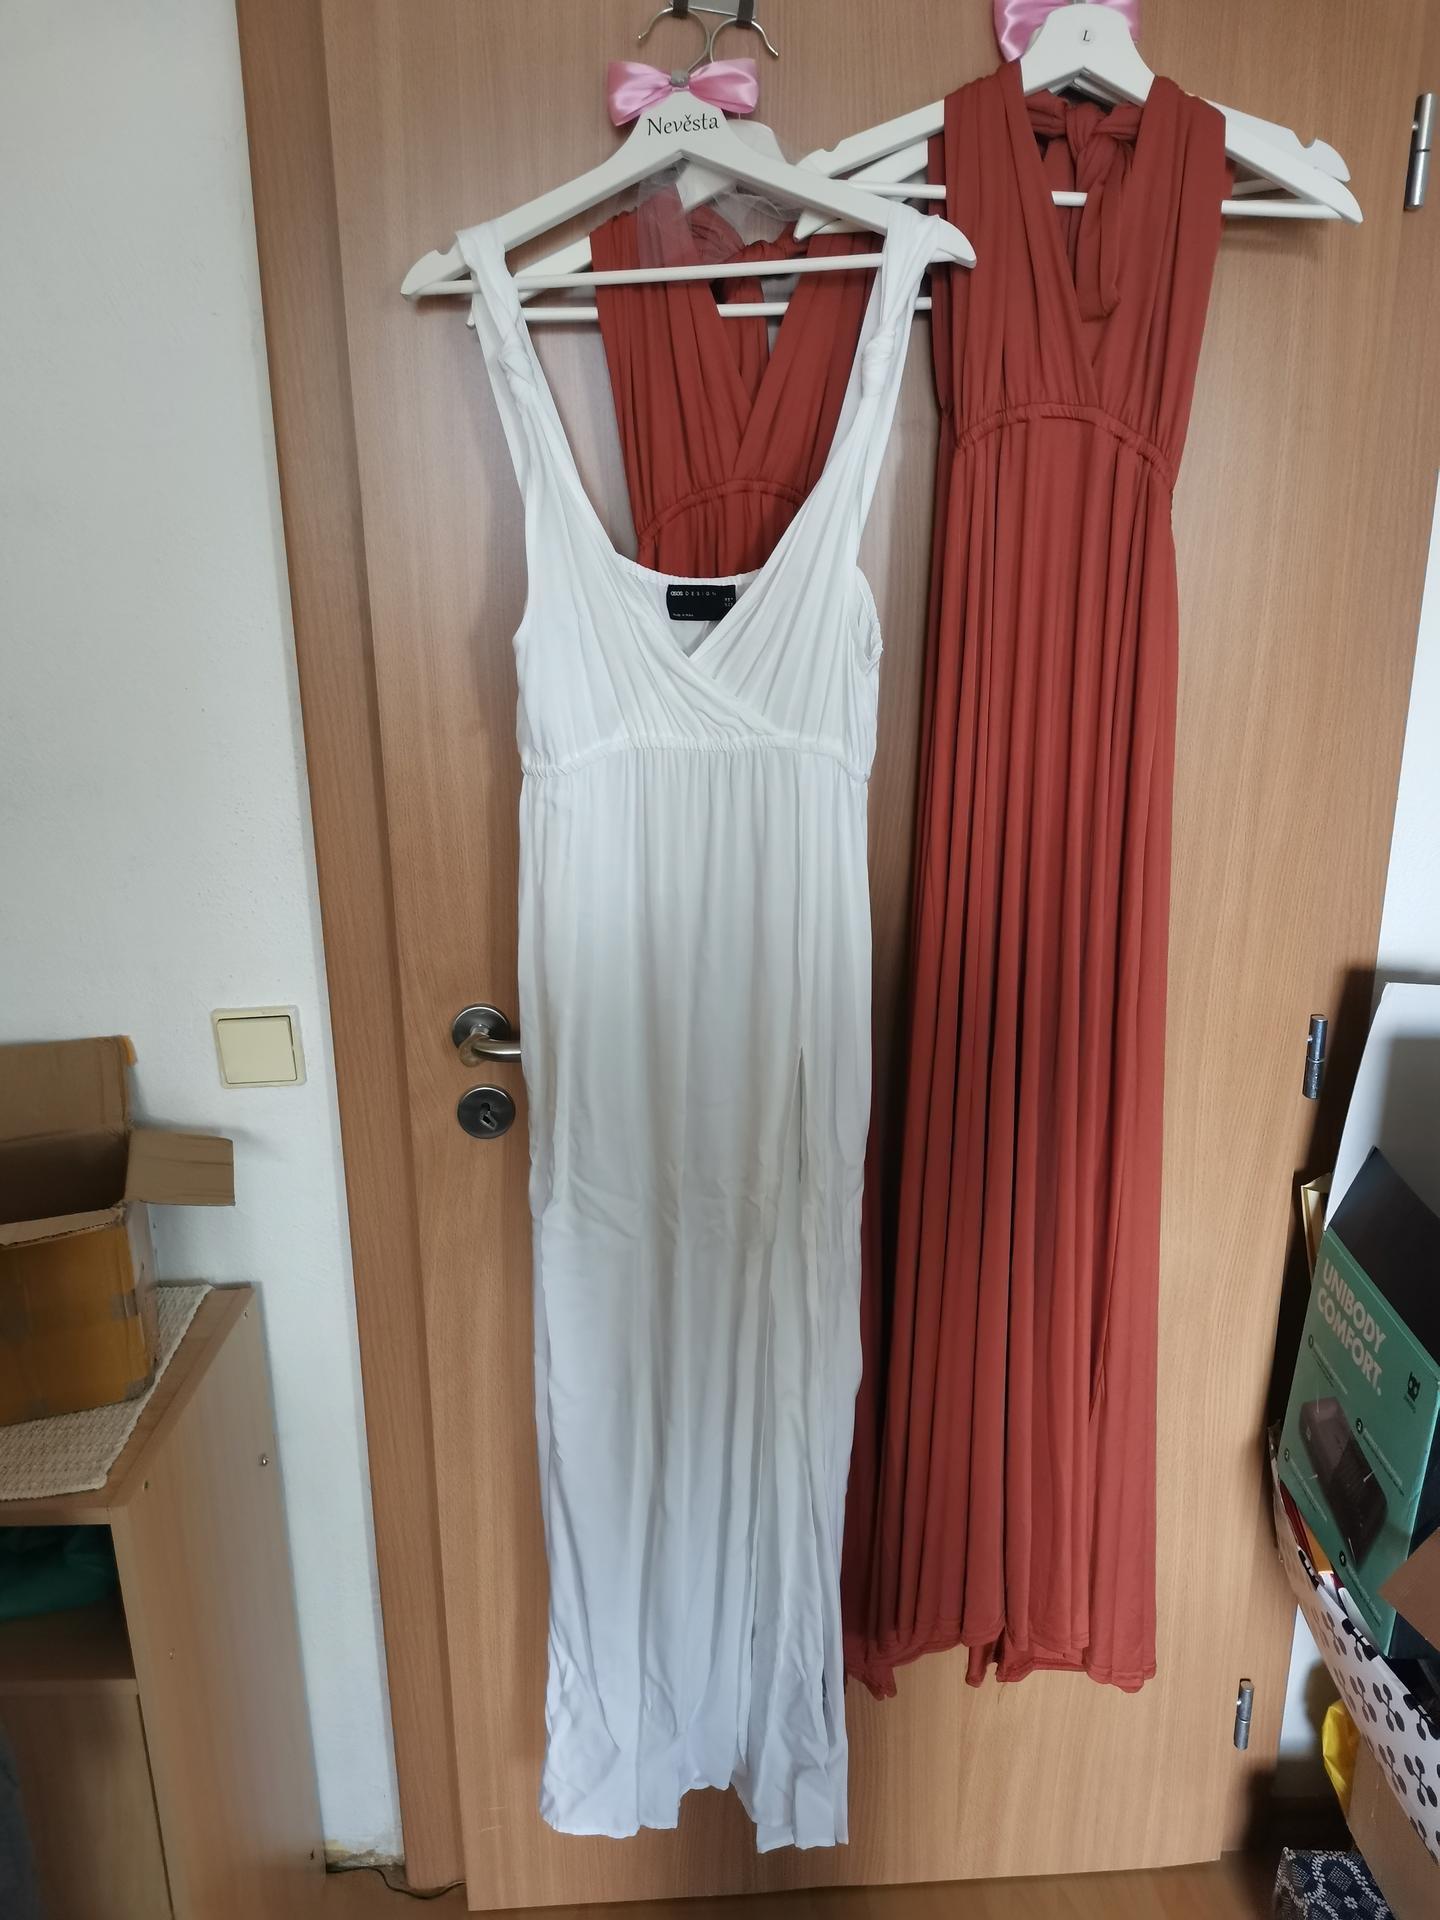 Vrabcovi 10.9.2022 - popůonoční šaty - asos